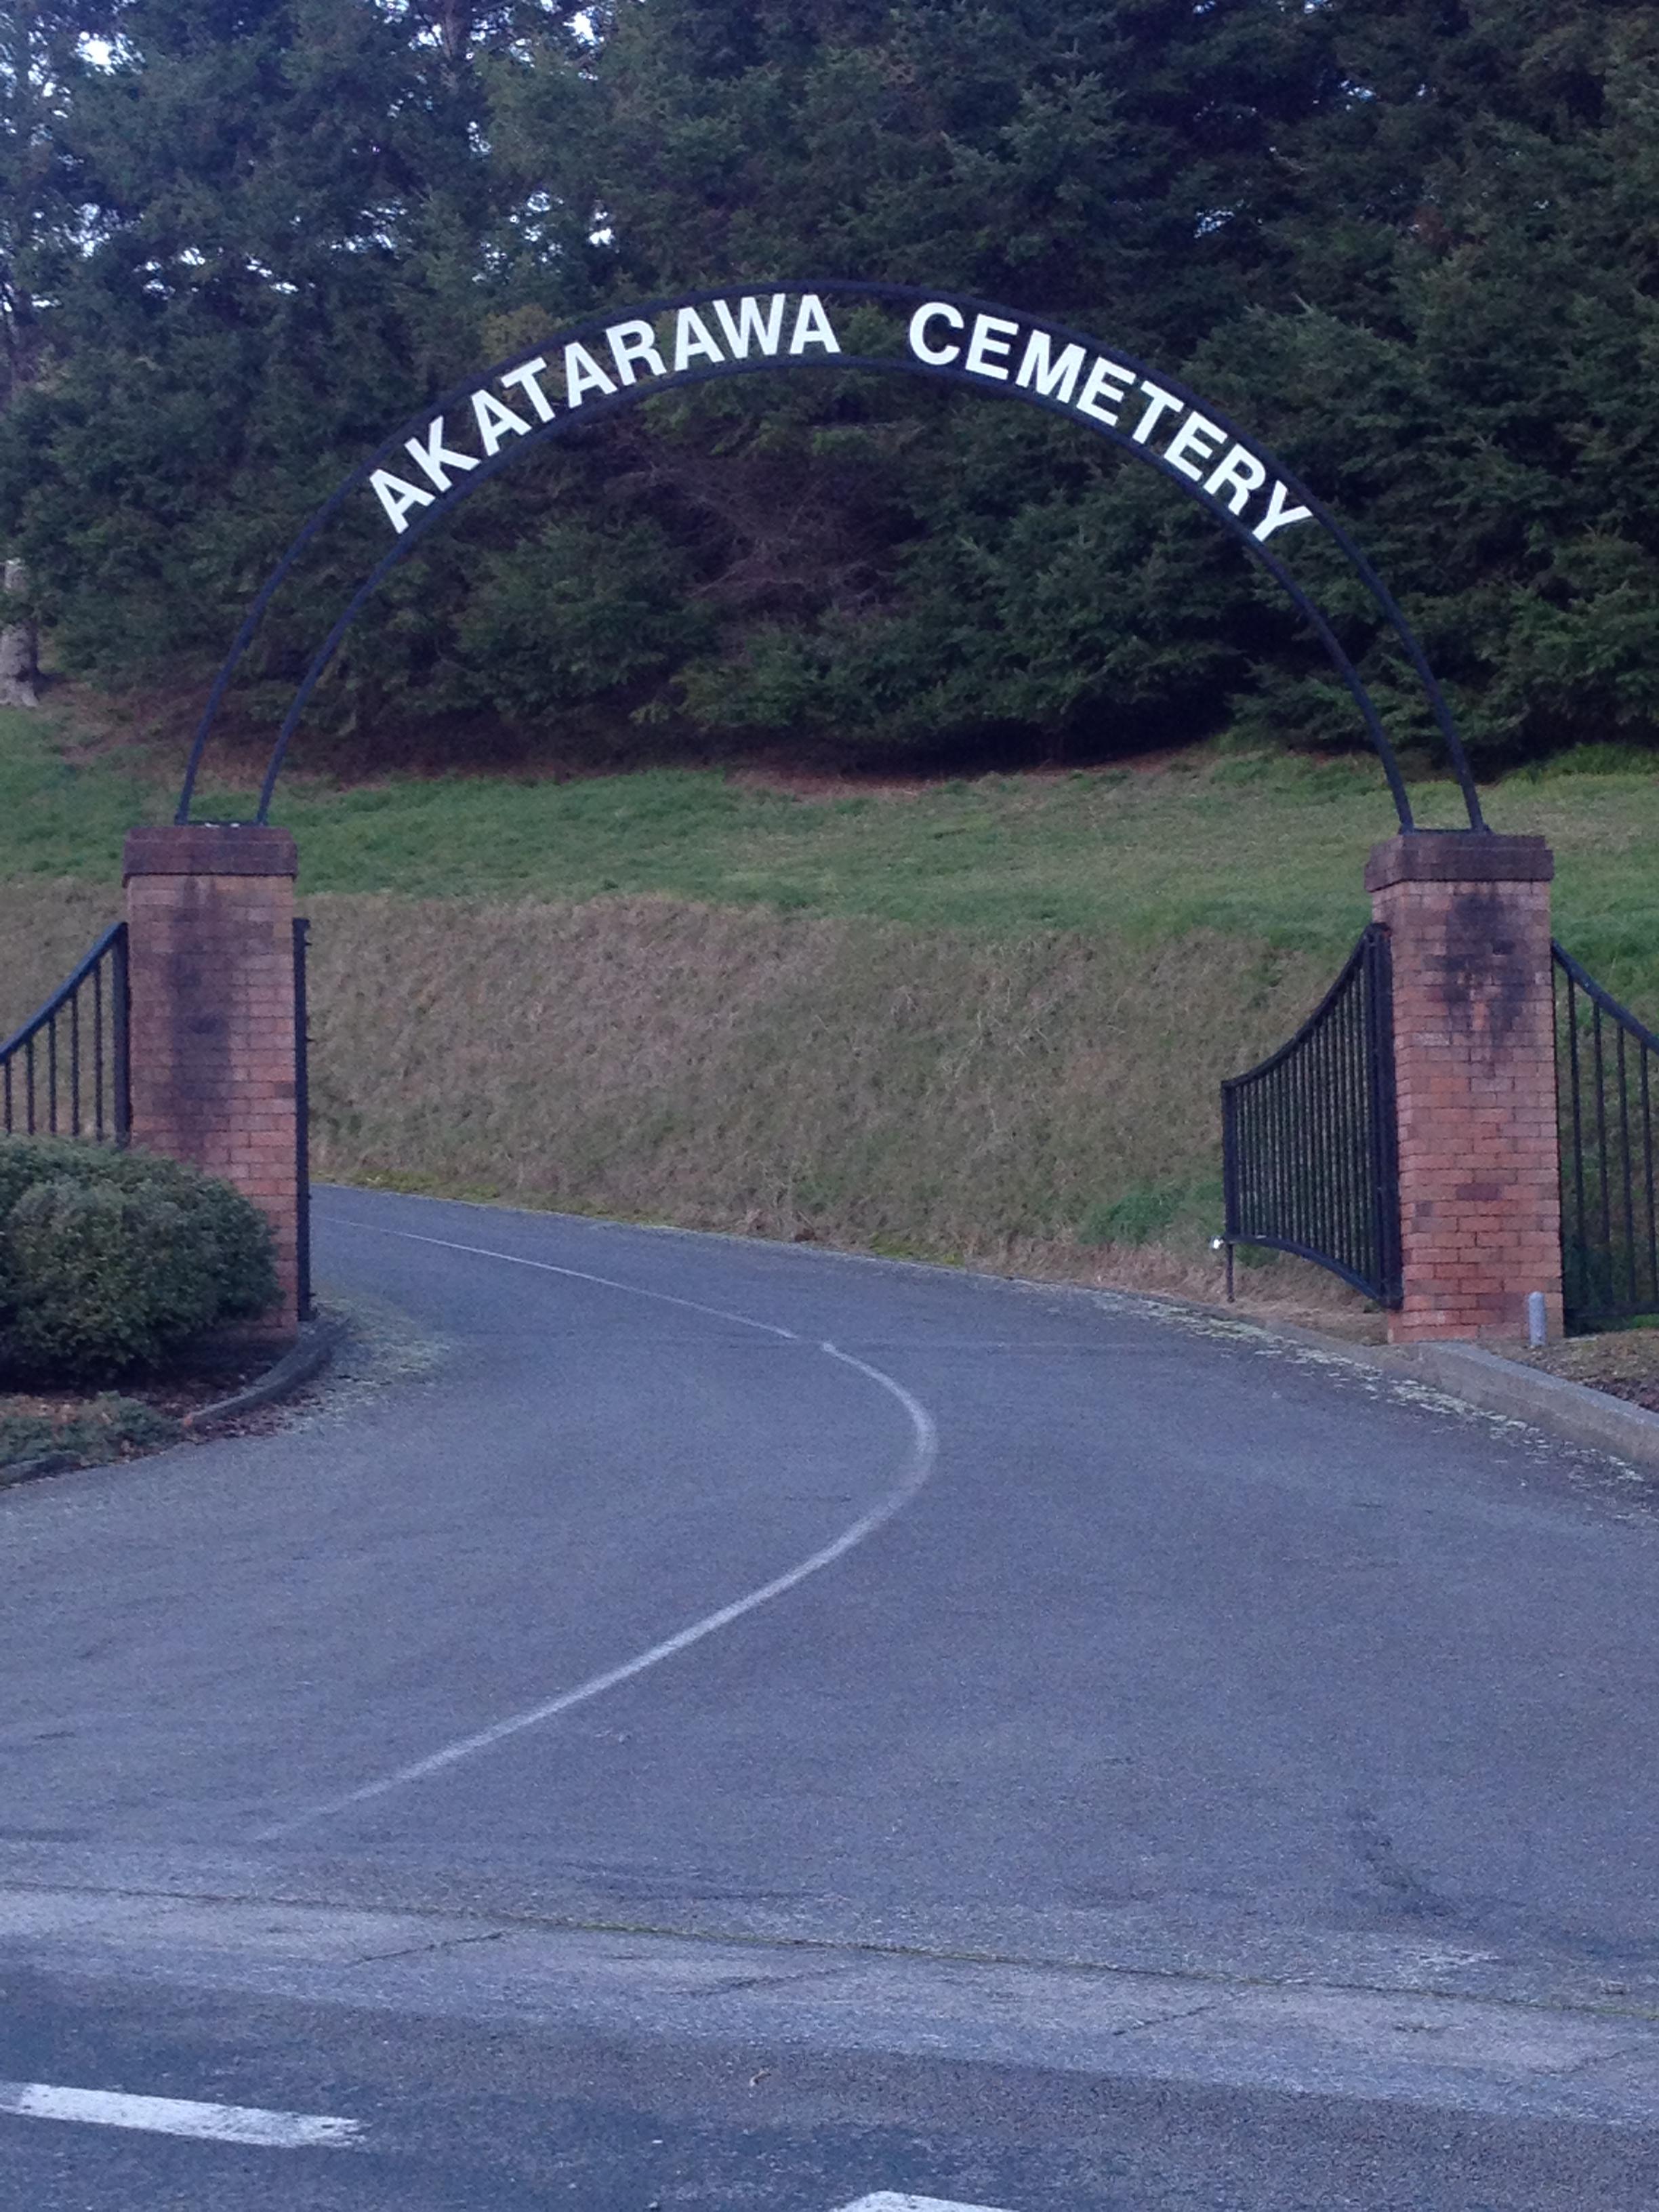 Akatarawa Cemetery